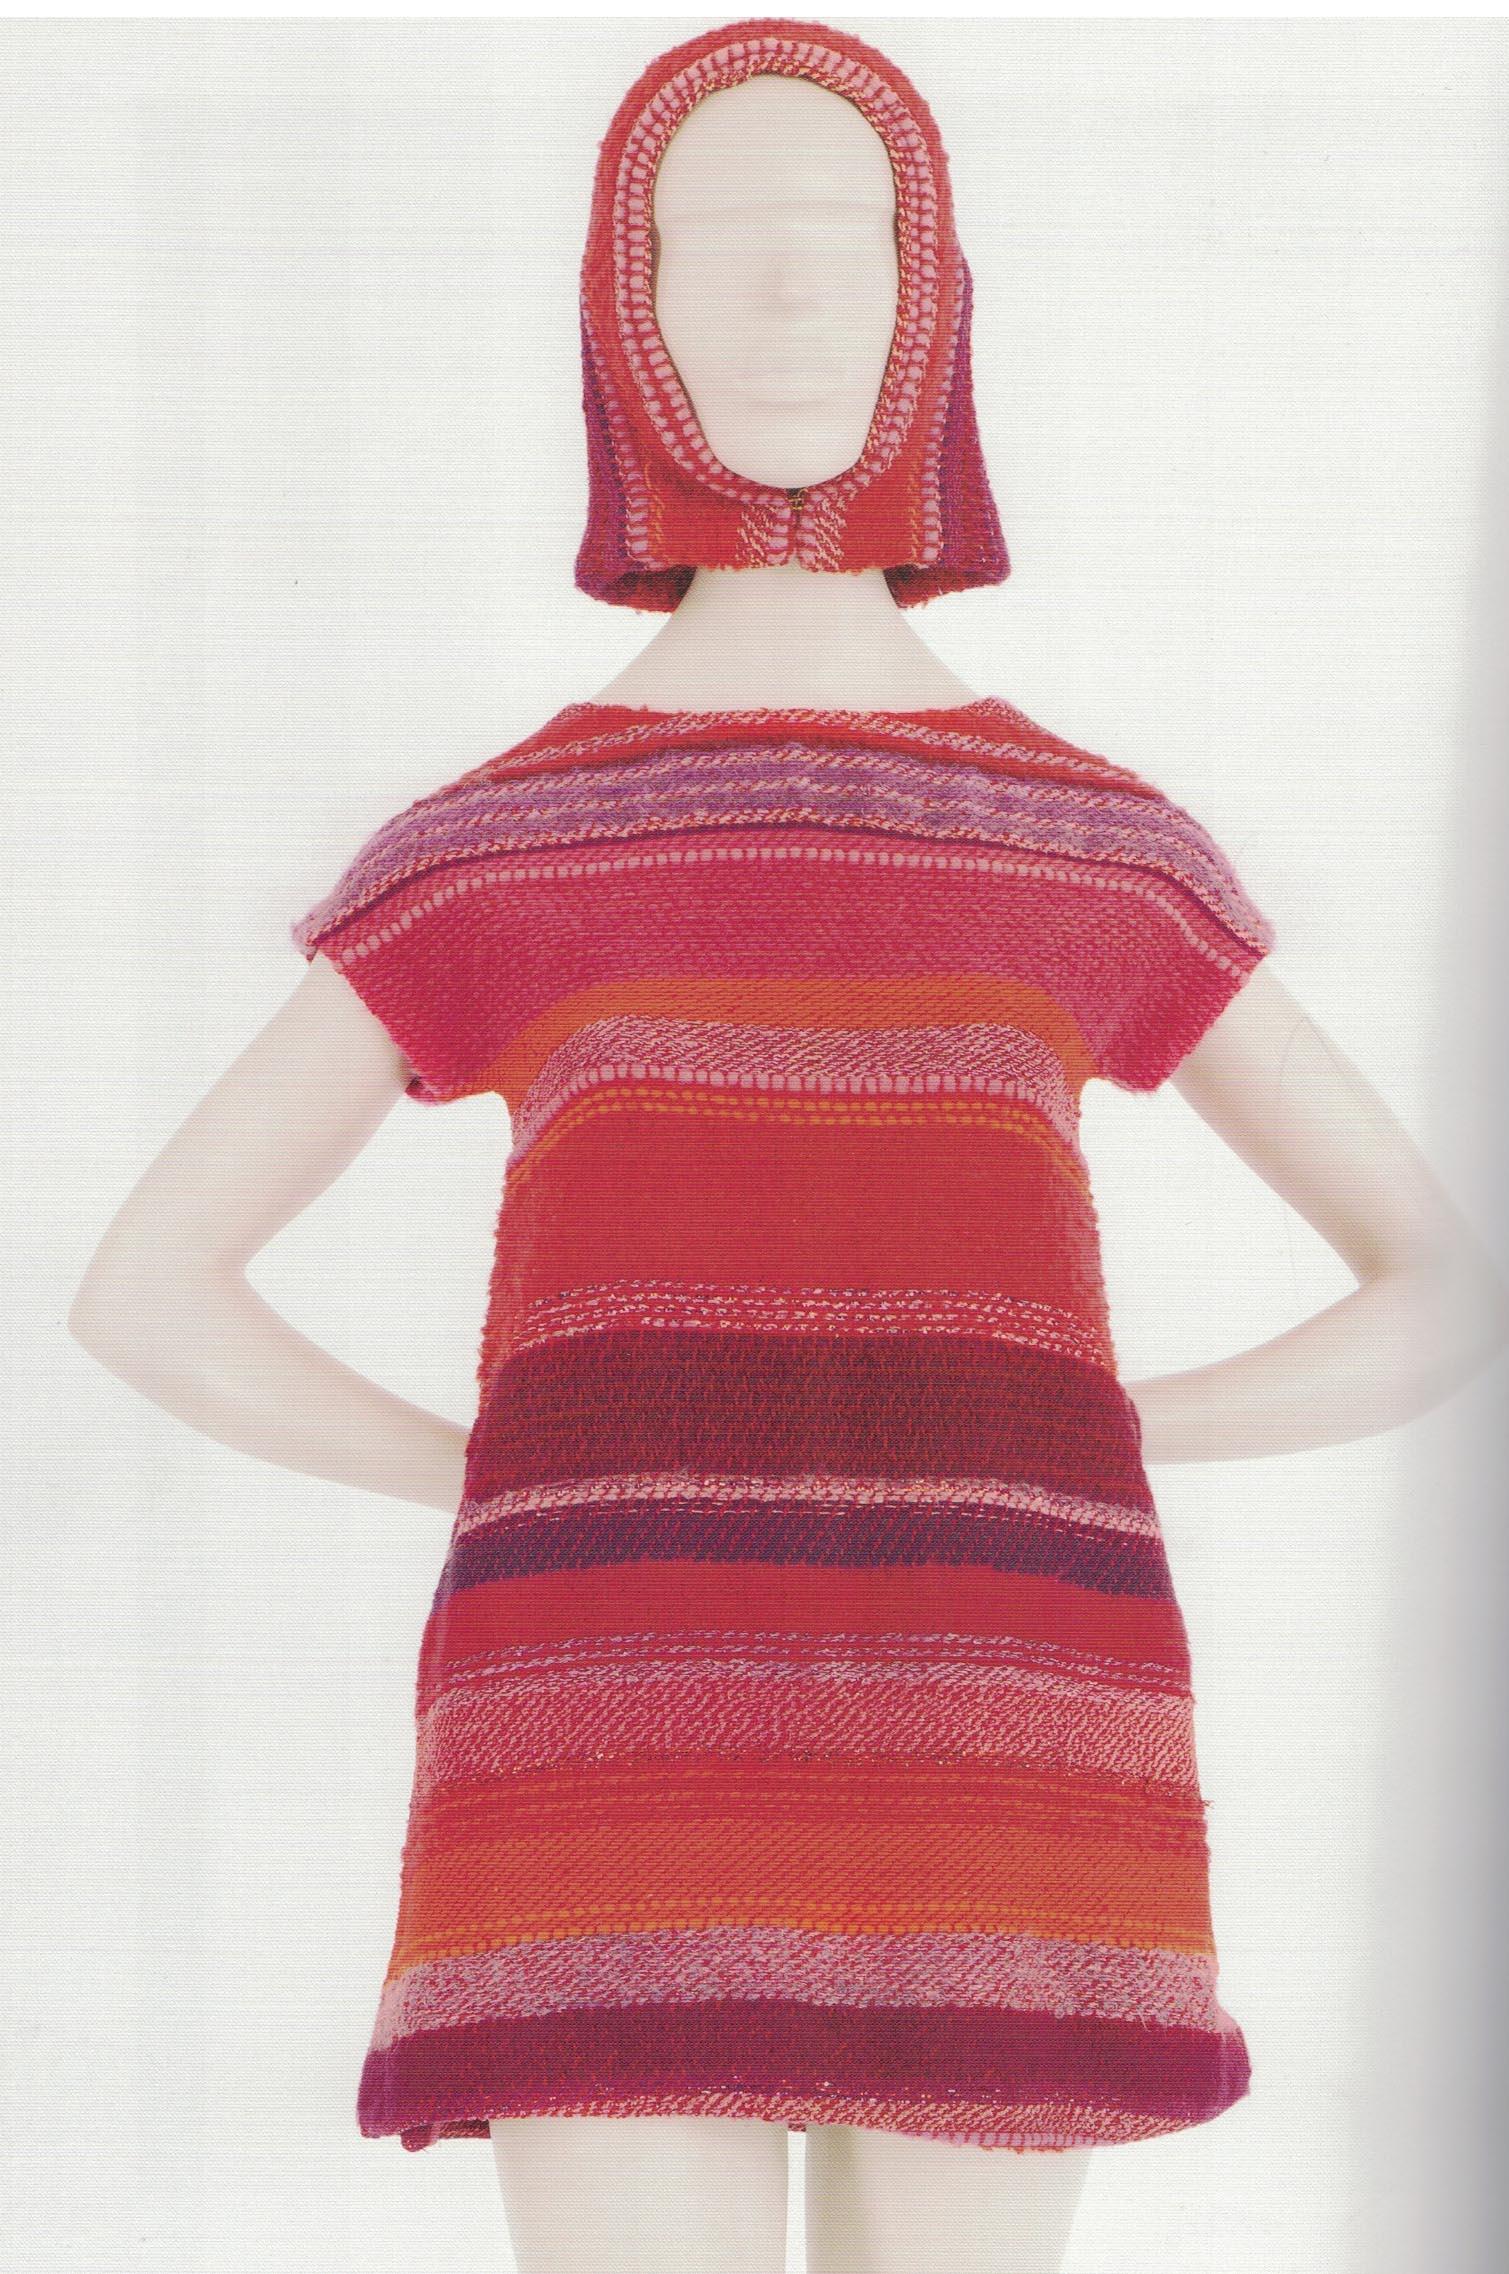 A Cashin dress from Liebes fabric, 1960s